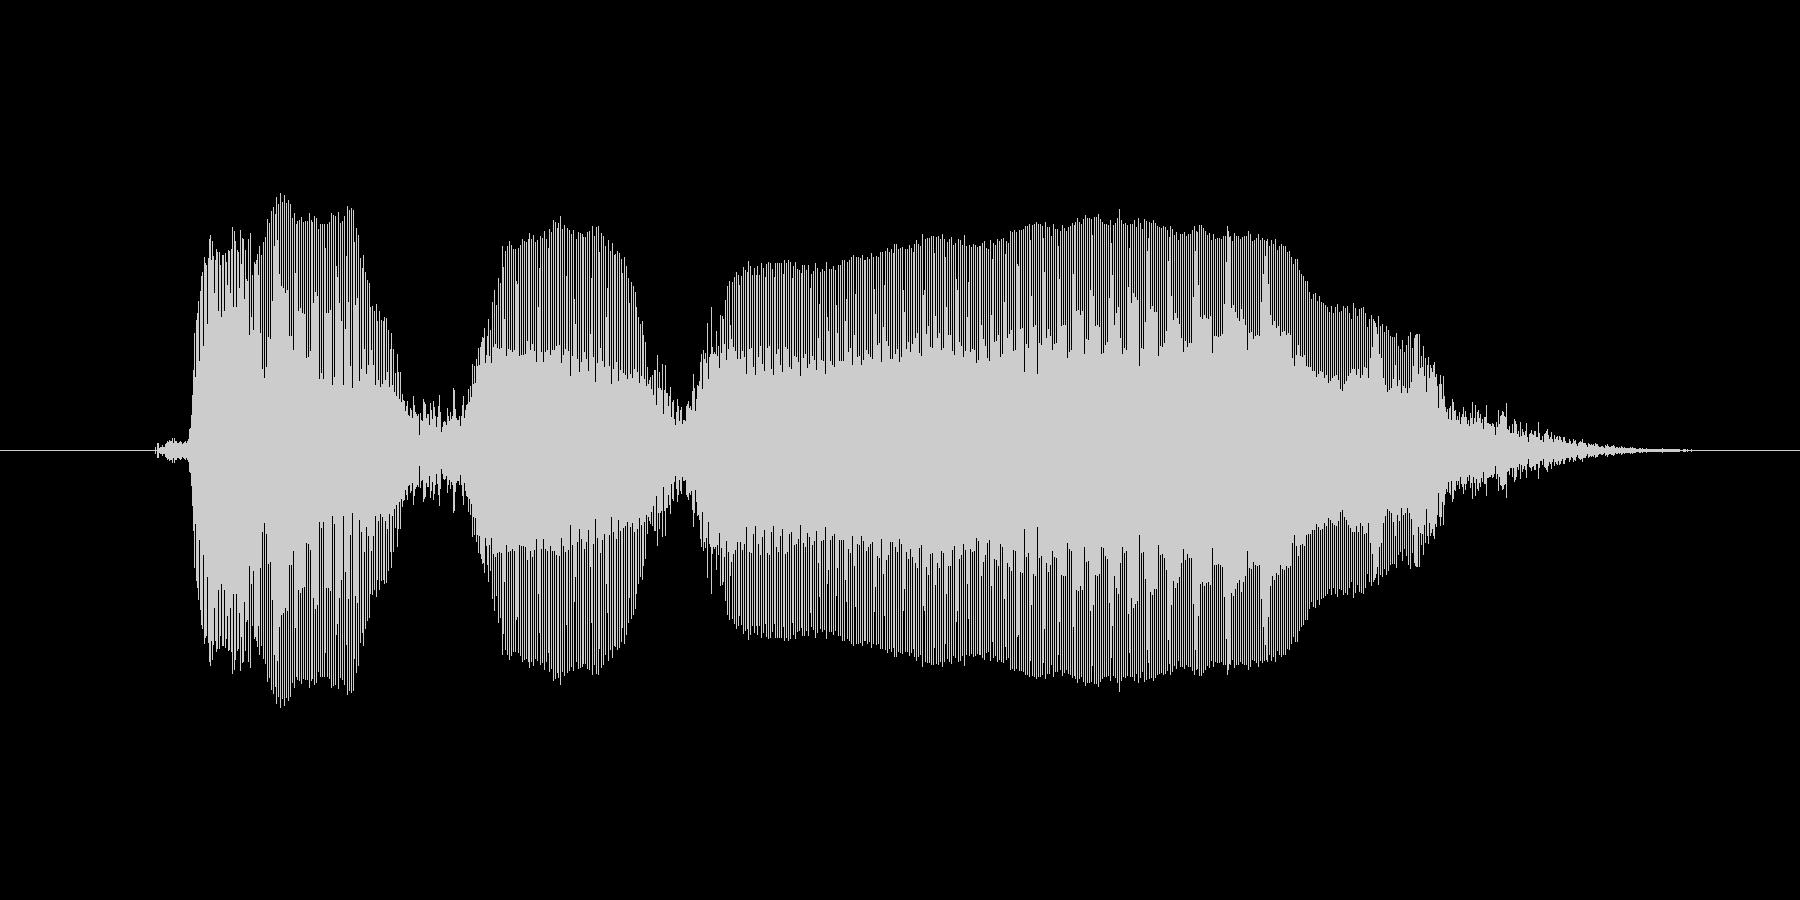 とほほ~…(少女・女性)の未再生の波形